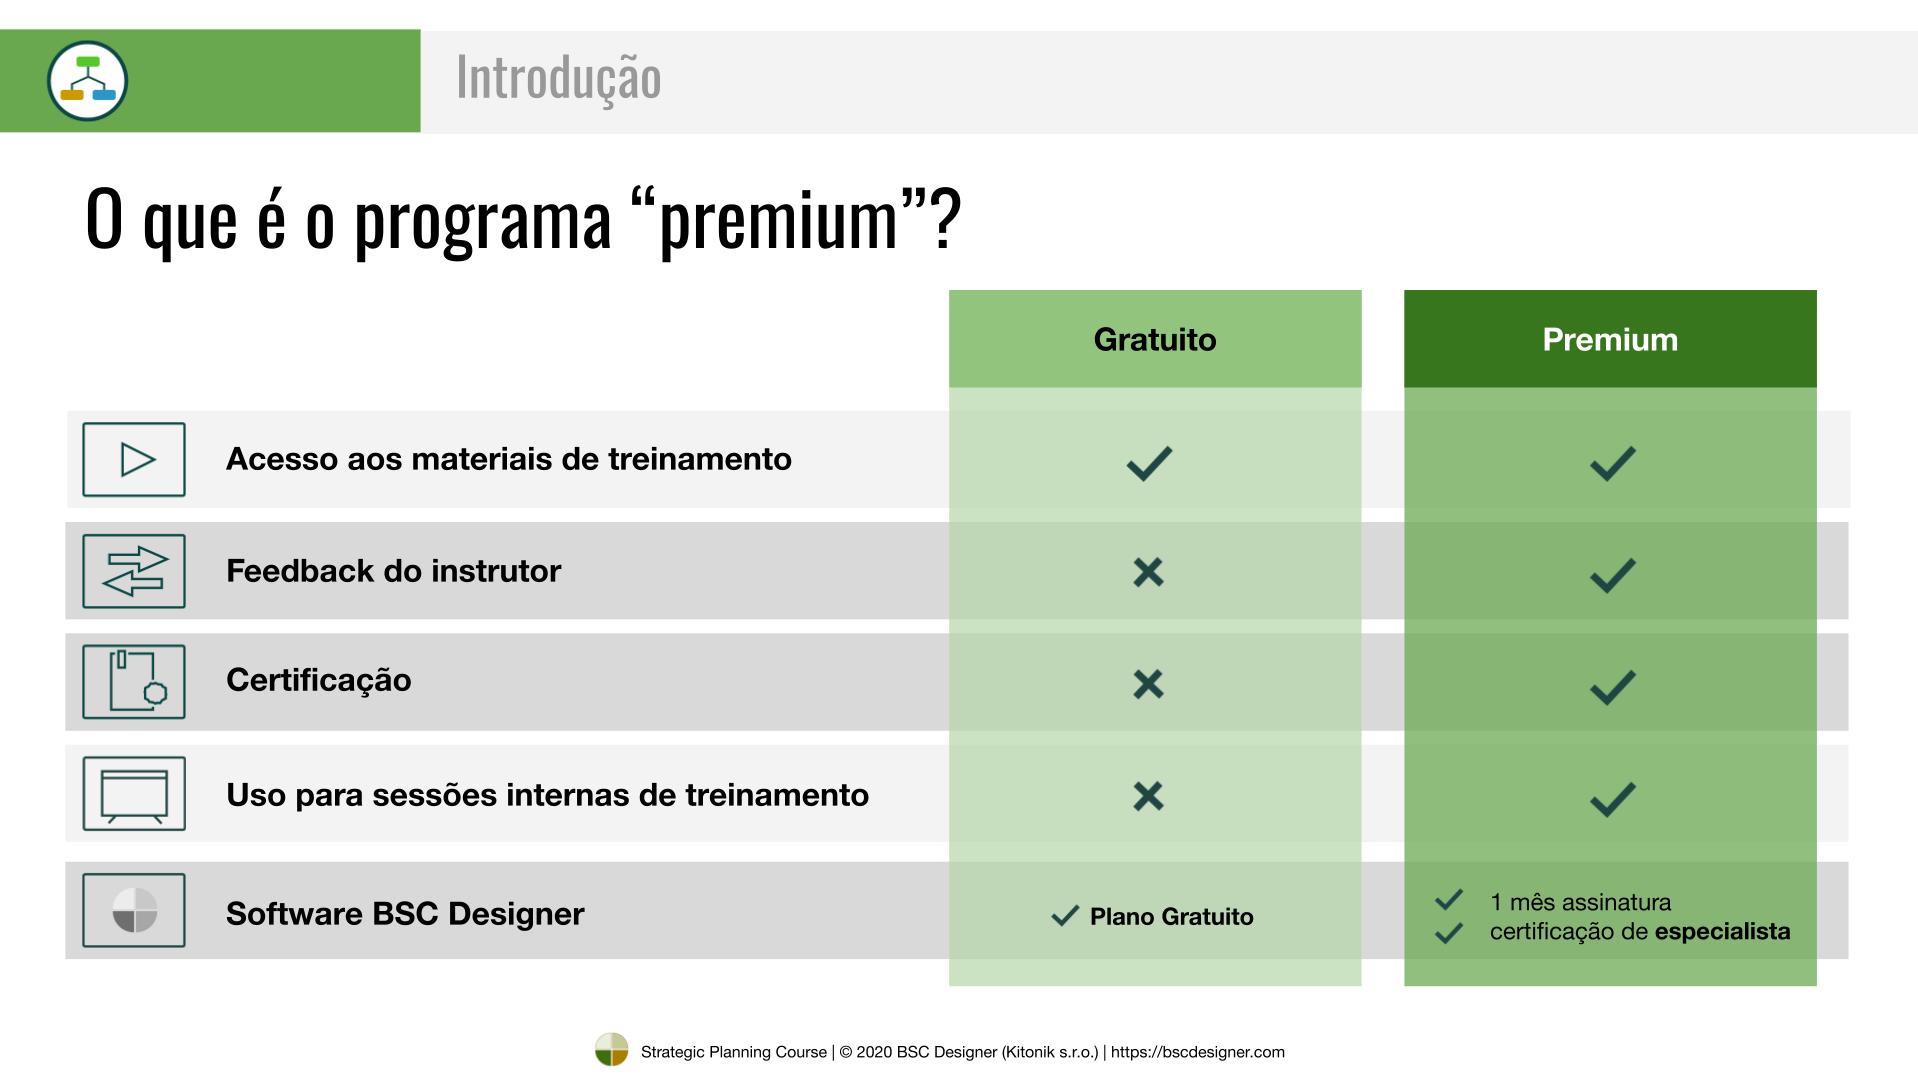 Programa premium x Programa gratuito